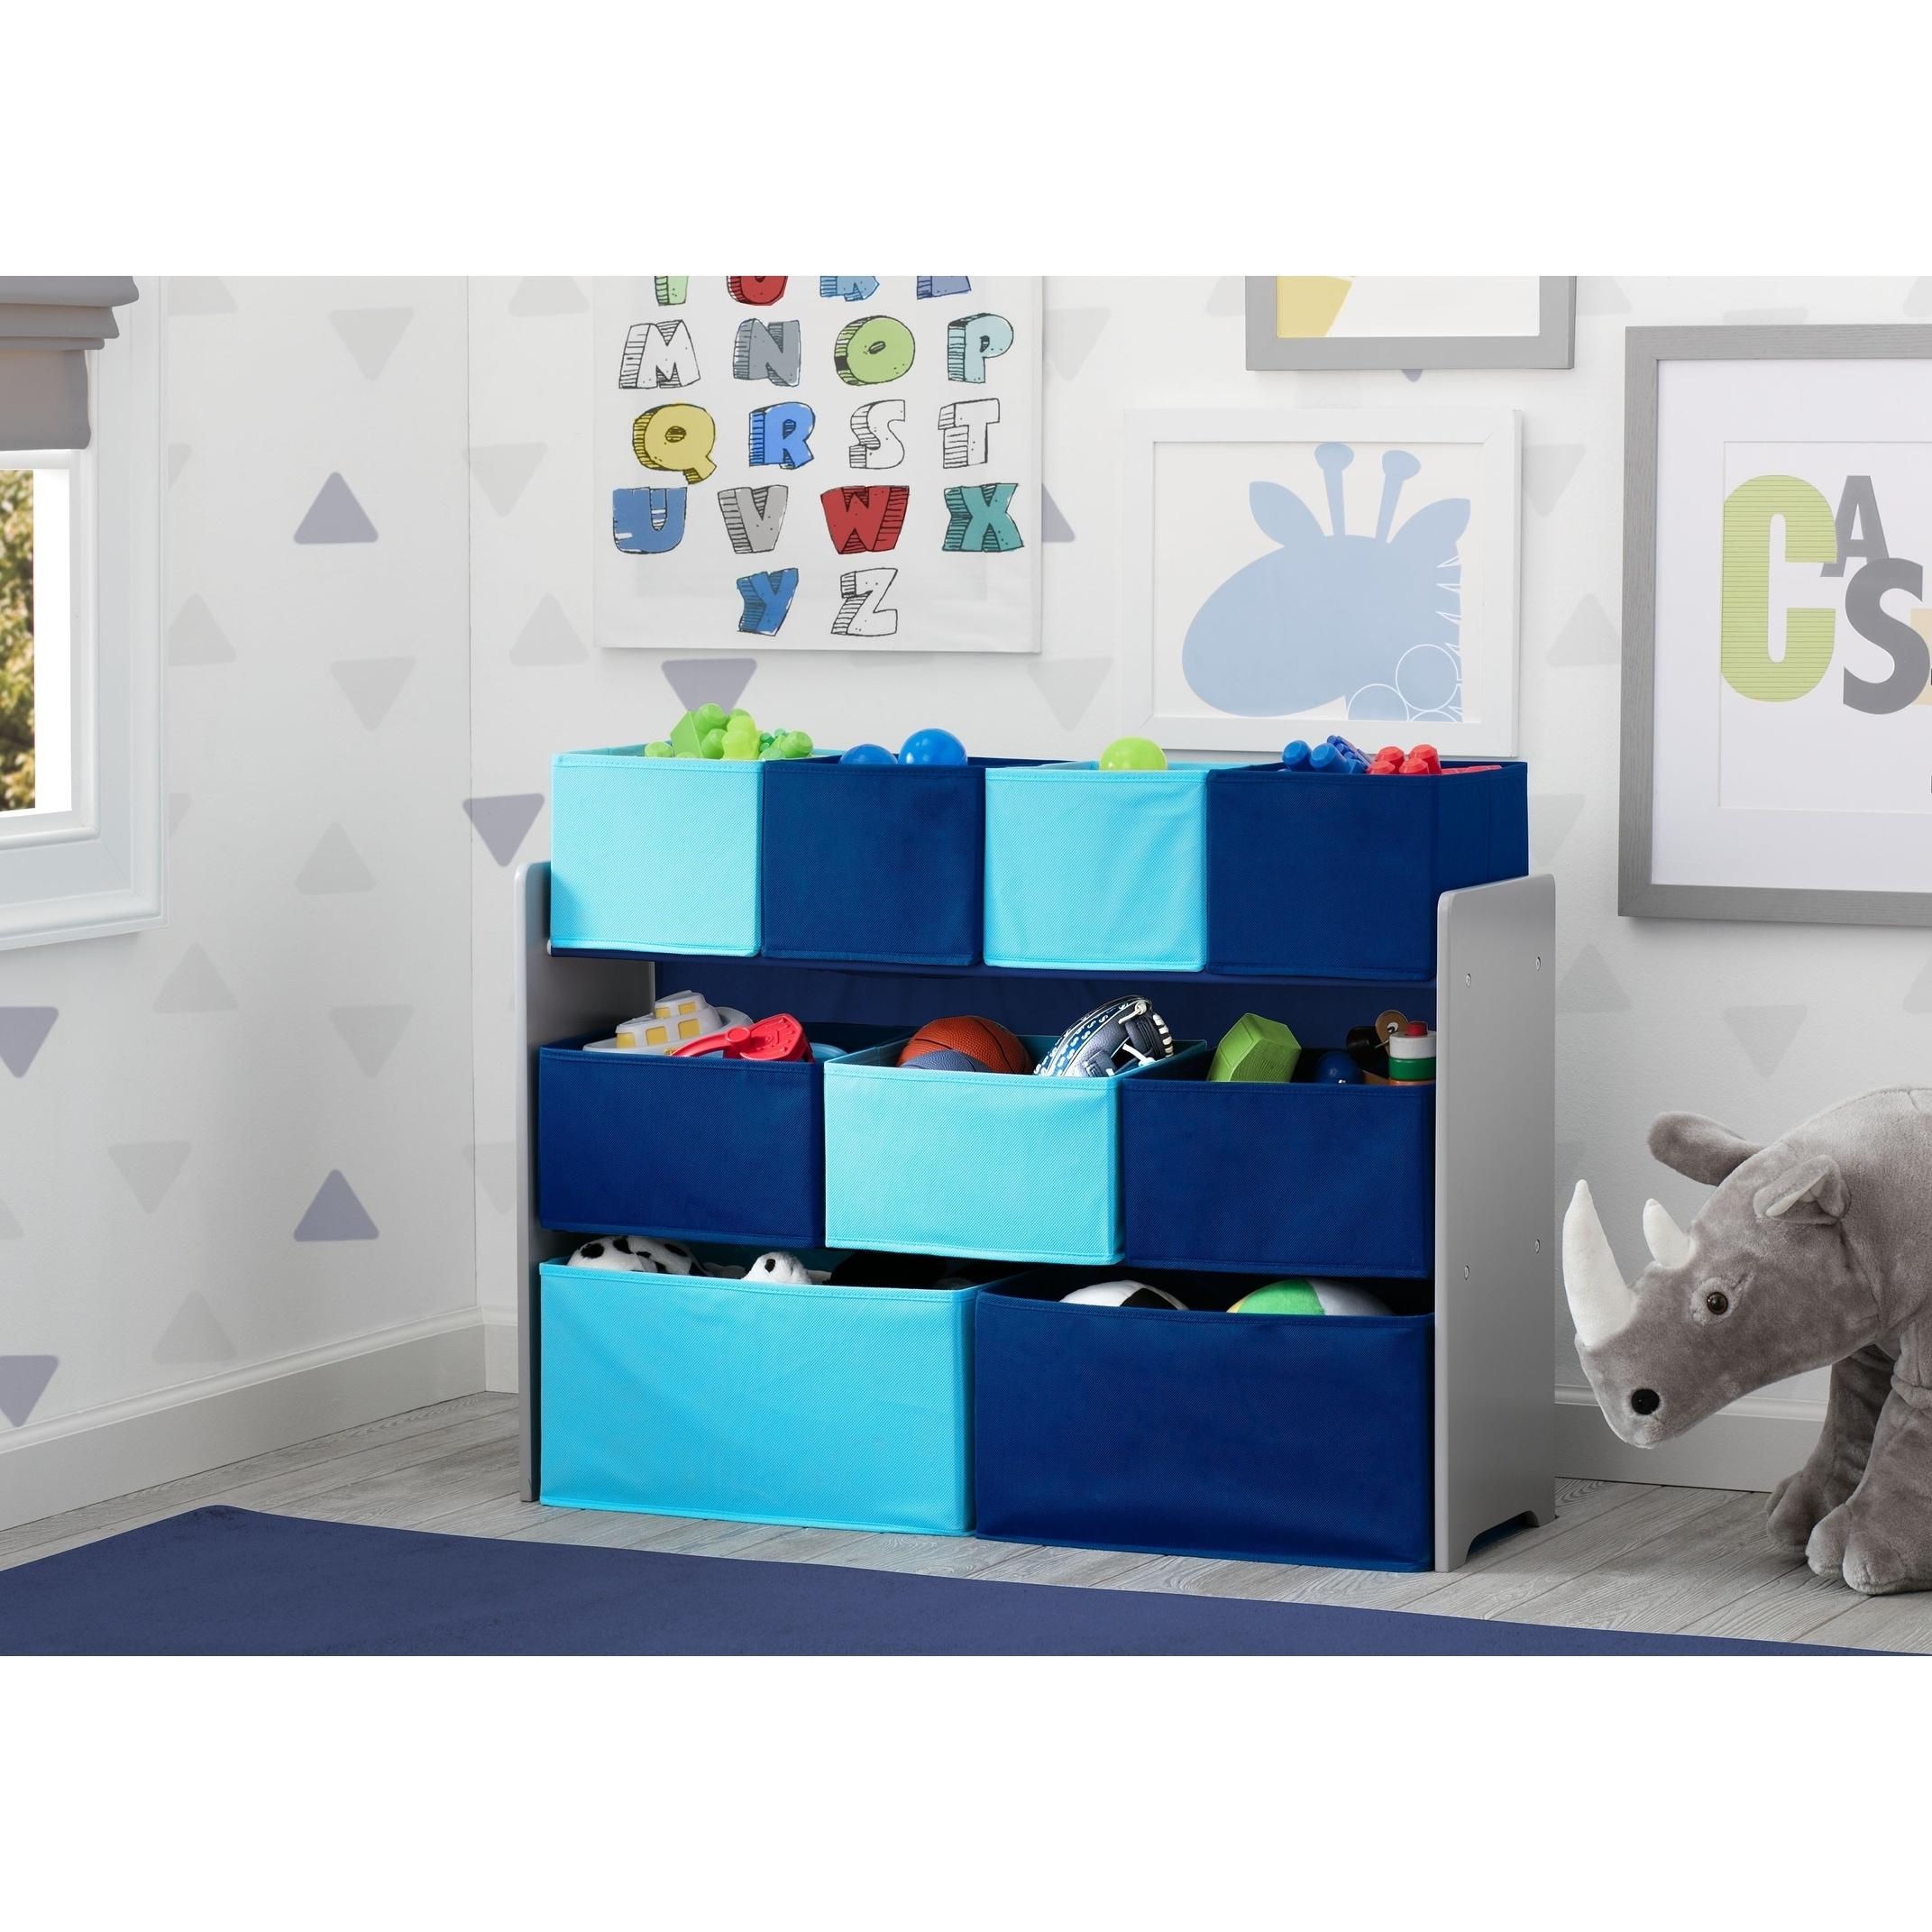 Shop Delta Children Deluxe Multi Bin Toy Organizer With Storage Bins